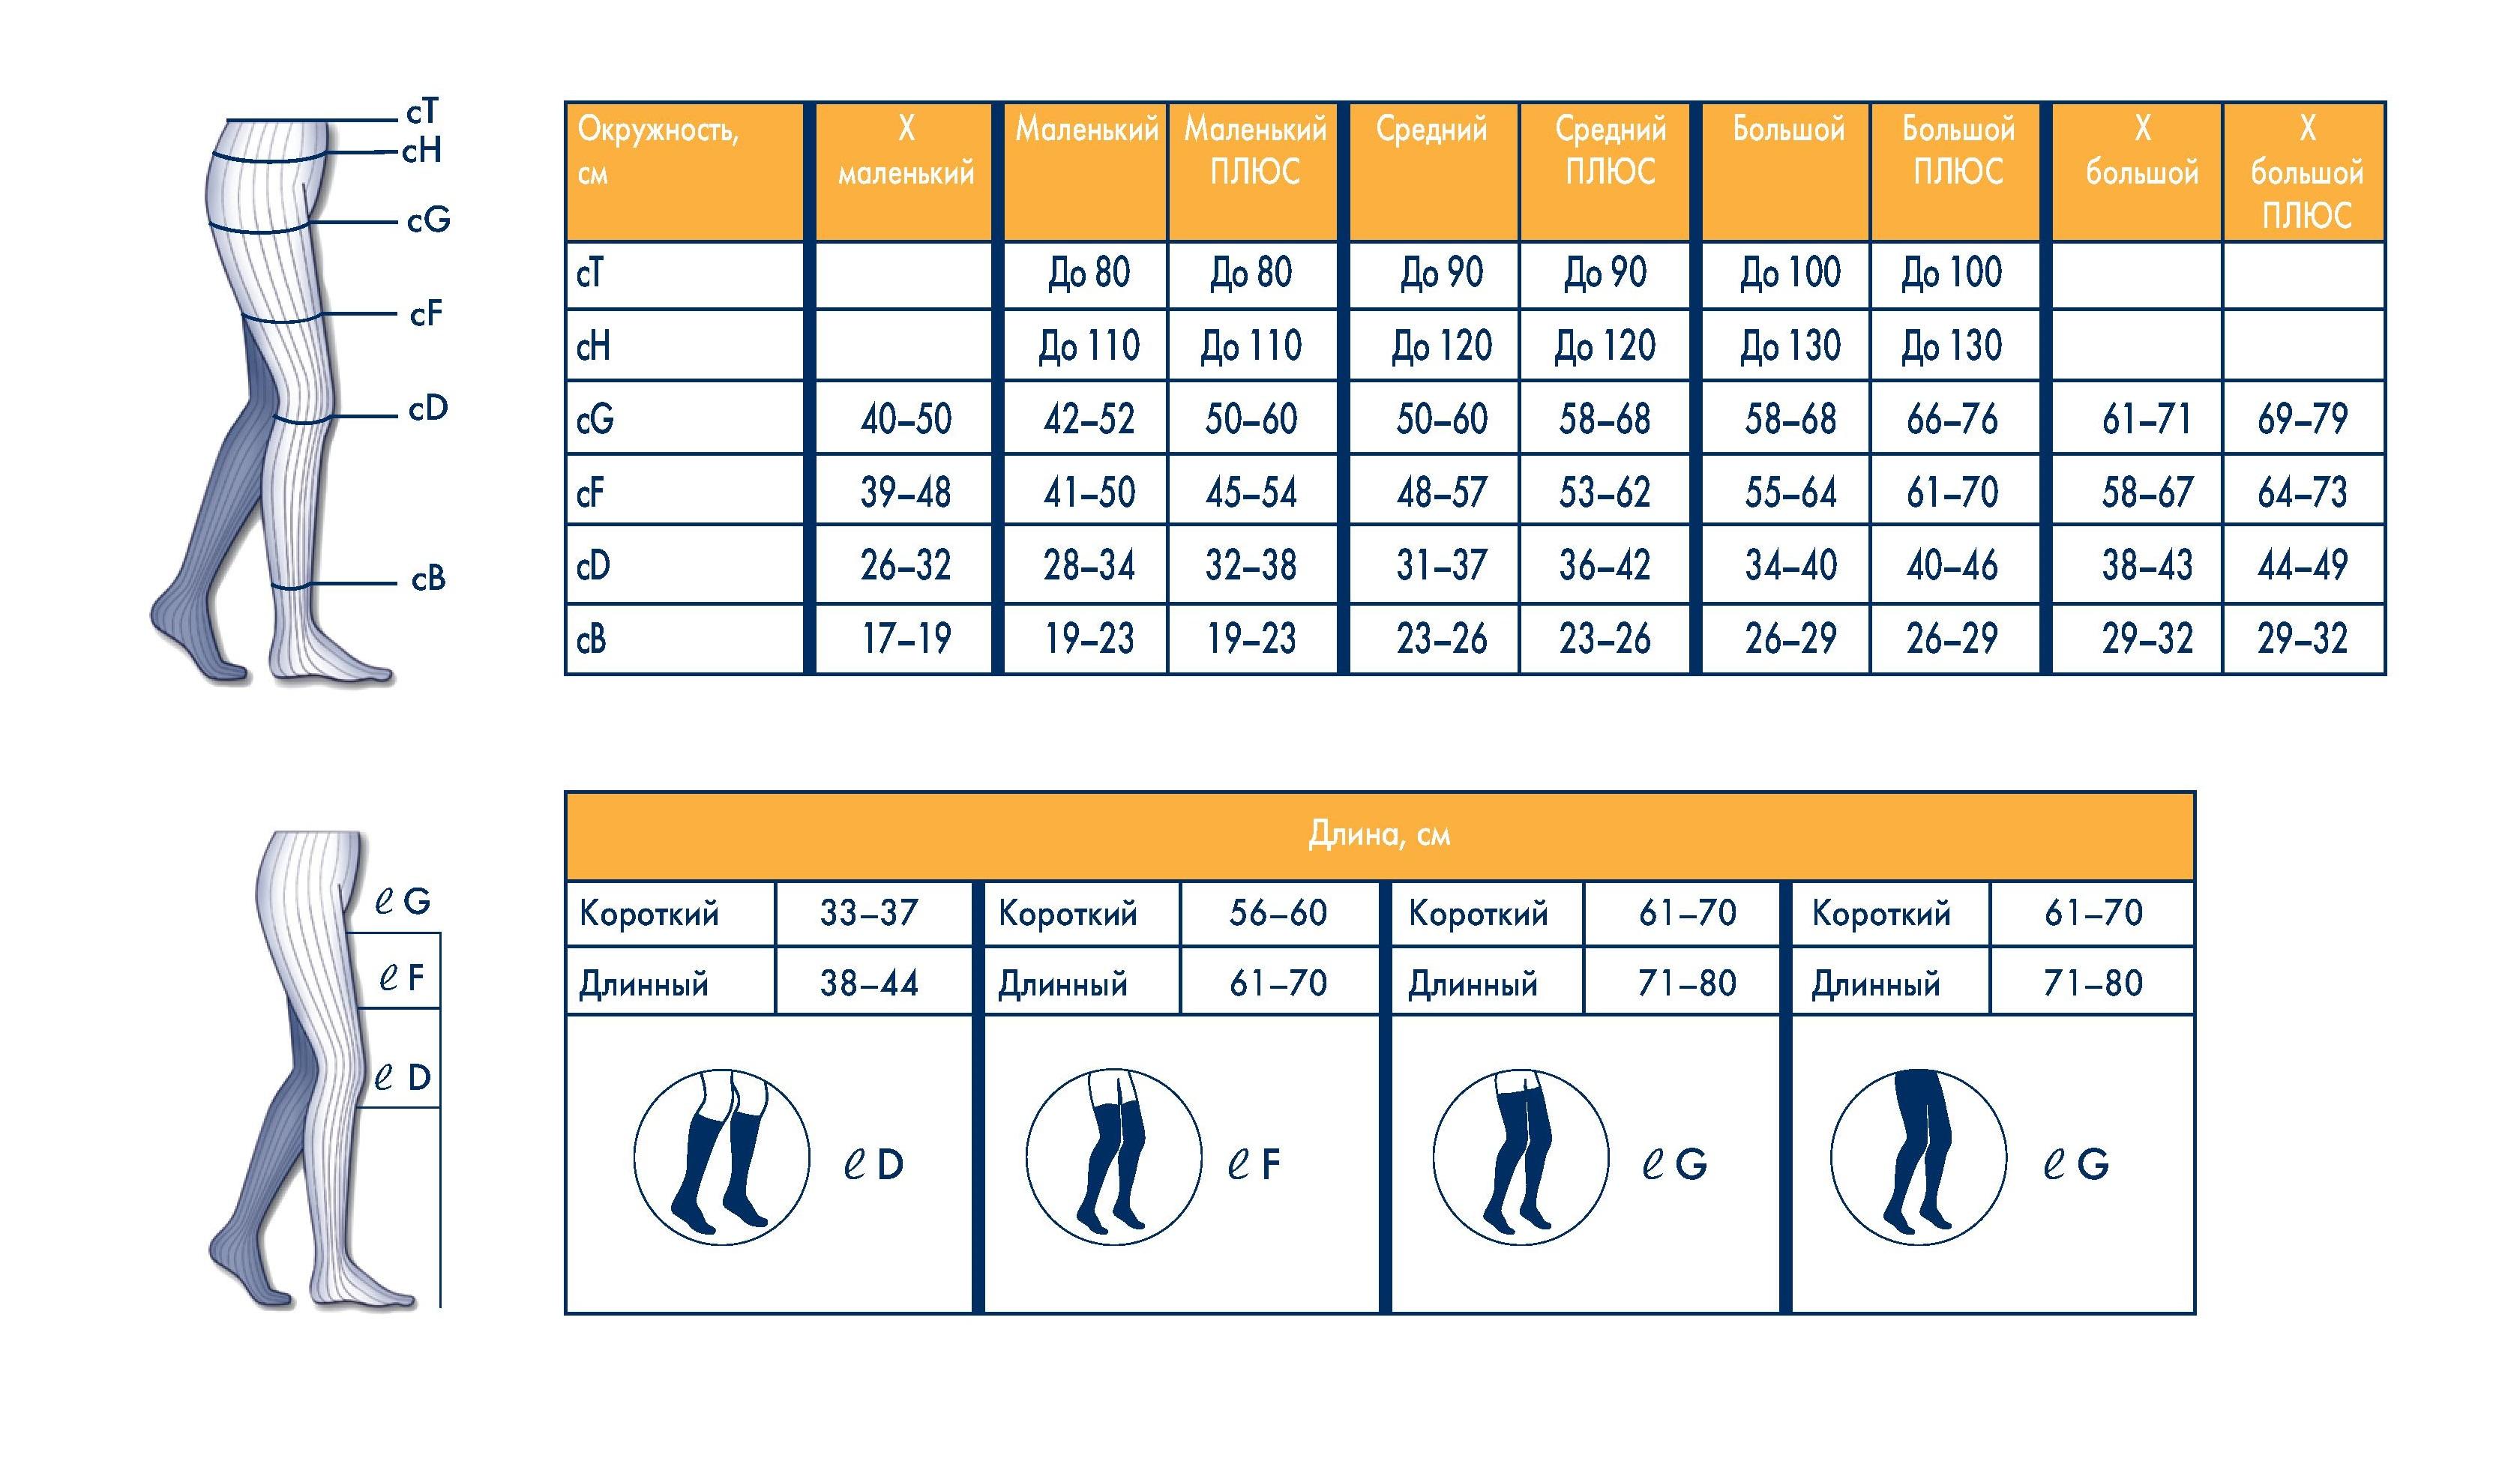 Схема определения размера компрессионных изделий  TRADITIONAL